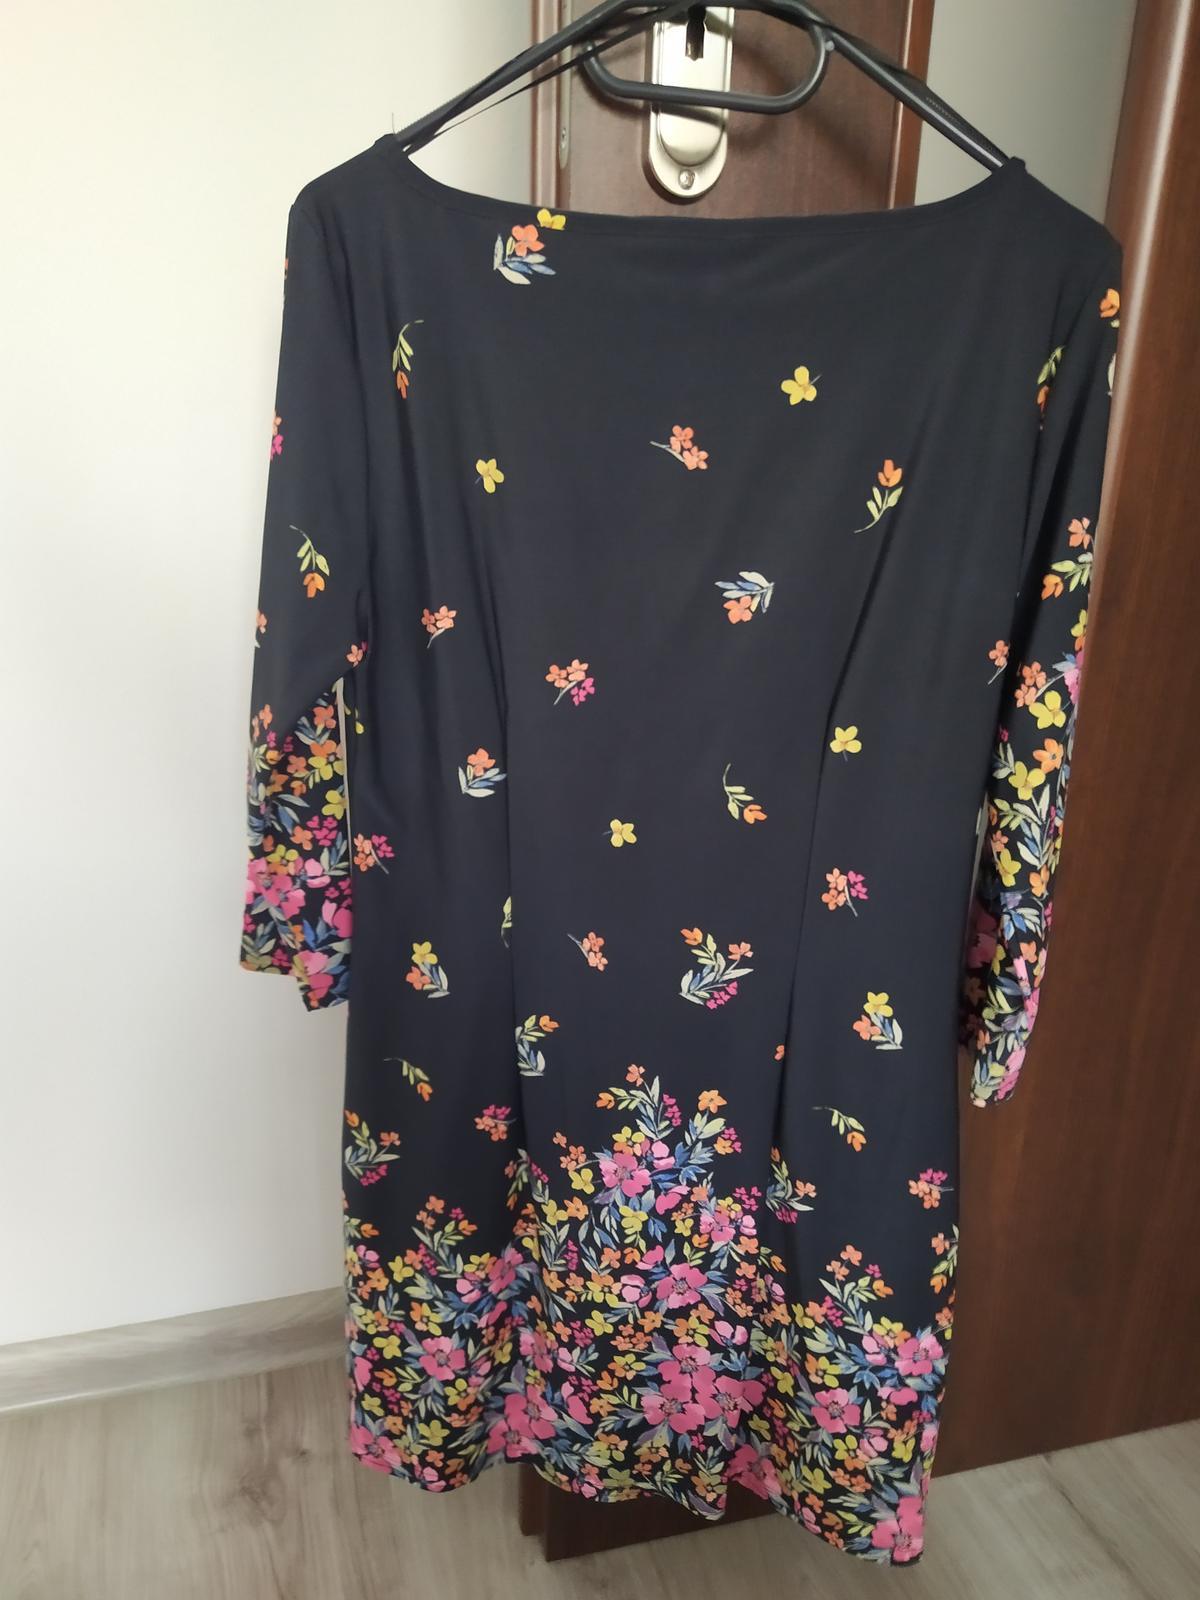 Dámske šaty - S - Obrázok č. 1